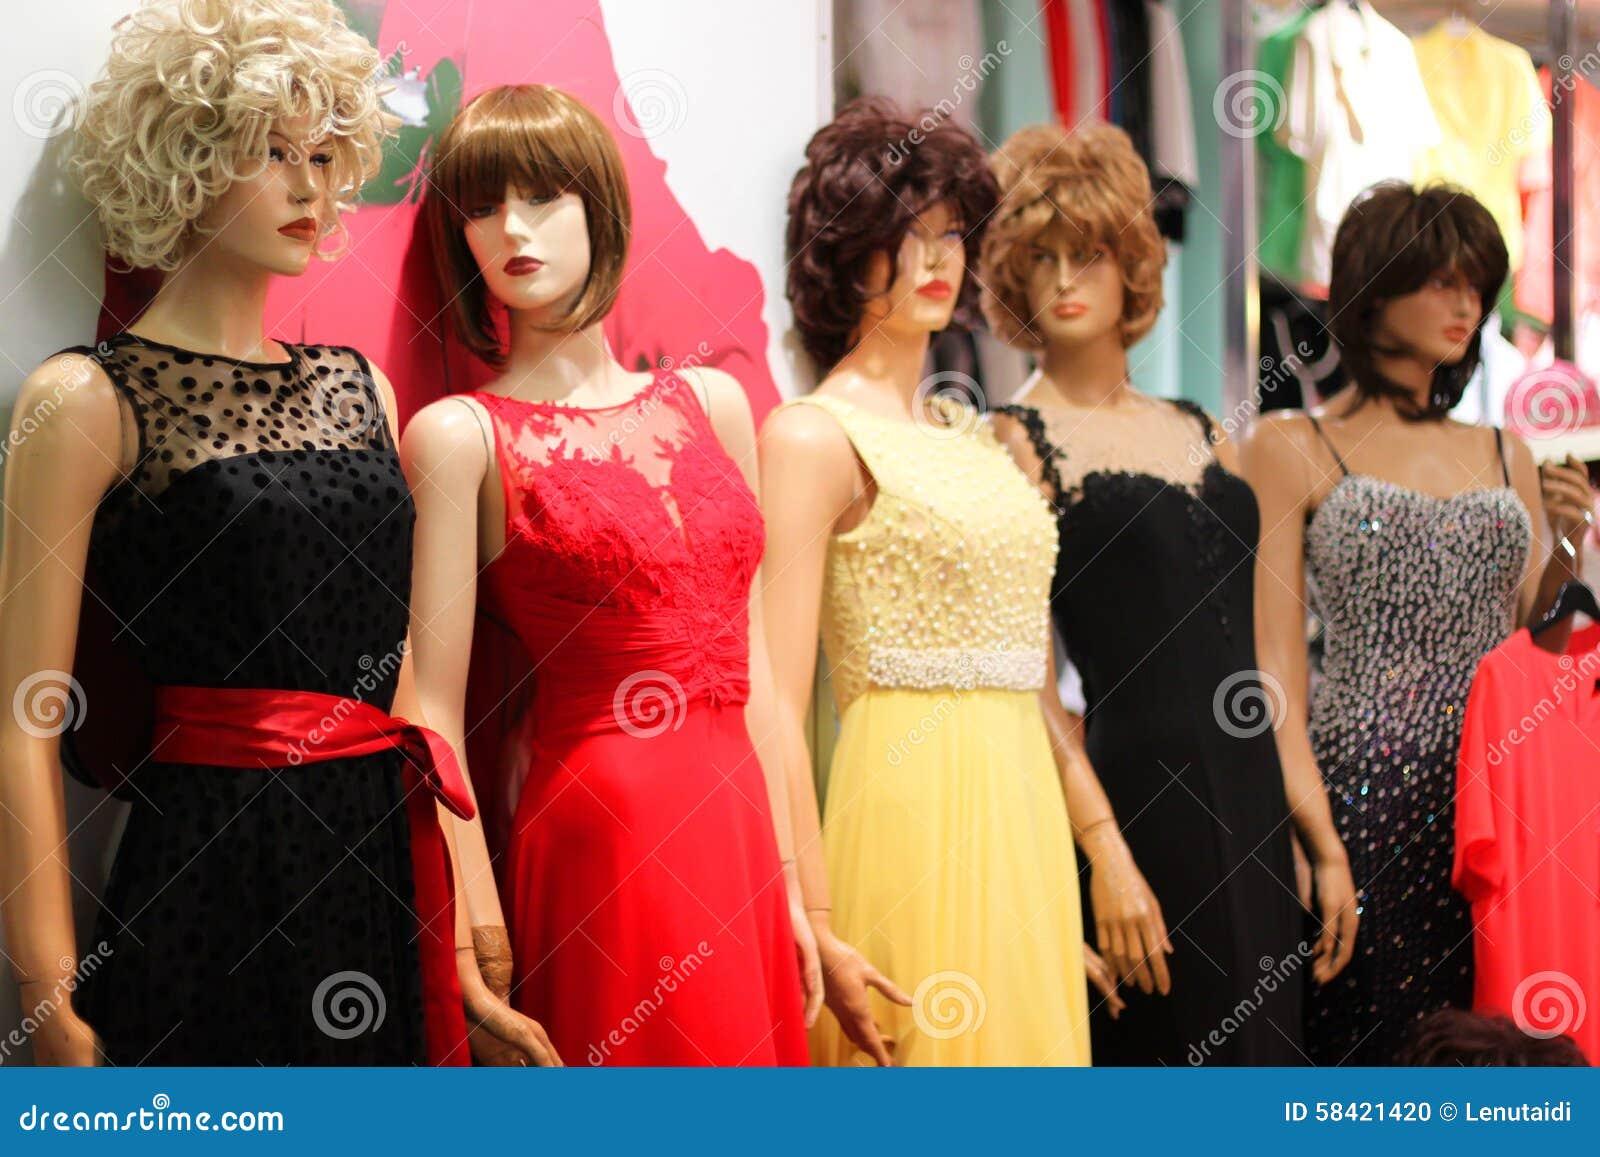 Women dresses mannequins